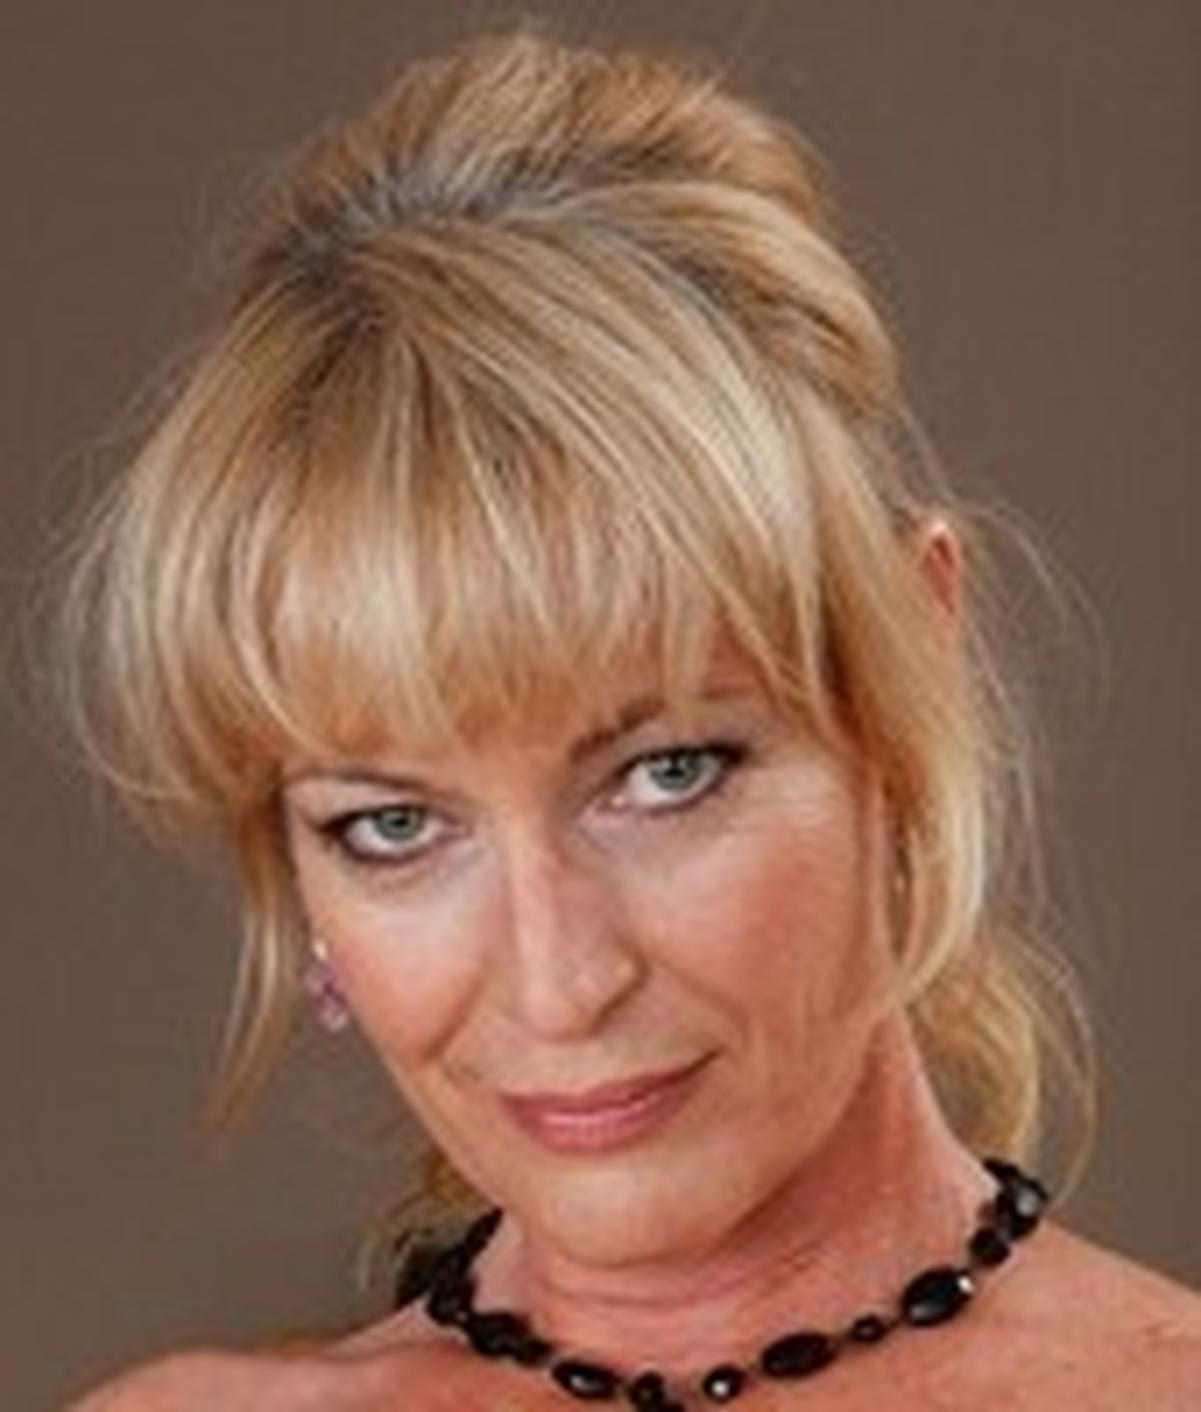 Tina Tosh